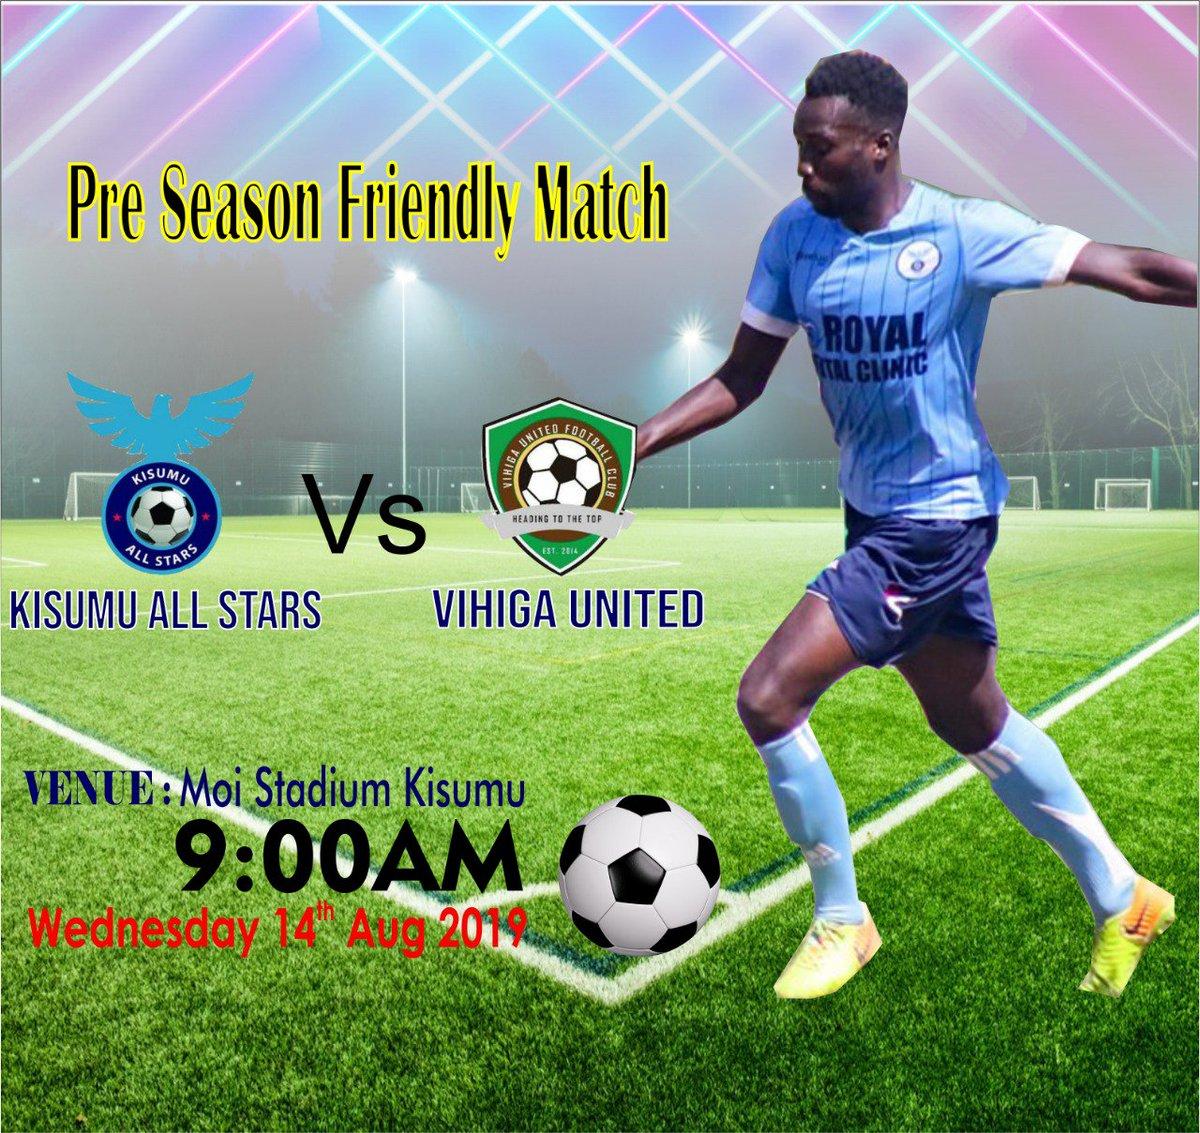 Plot for tomorrow. @KisumuAllstars vs @VihigaUnitedFC Moi Stadium. #Otenga